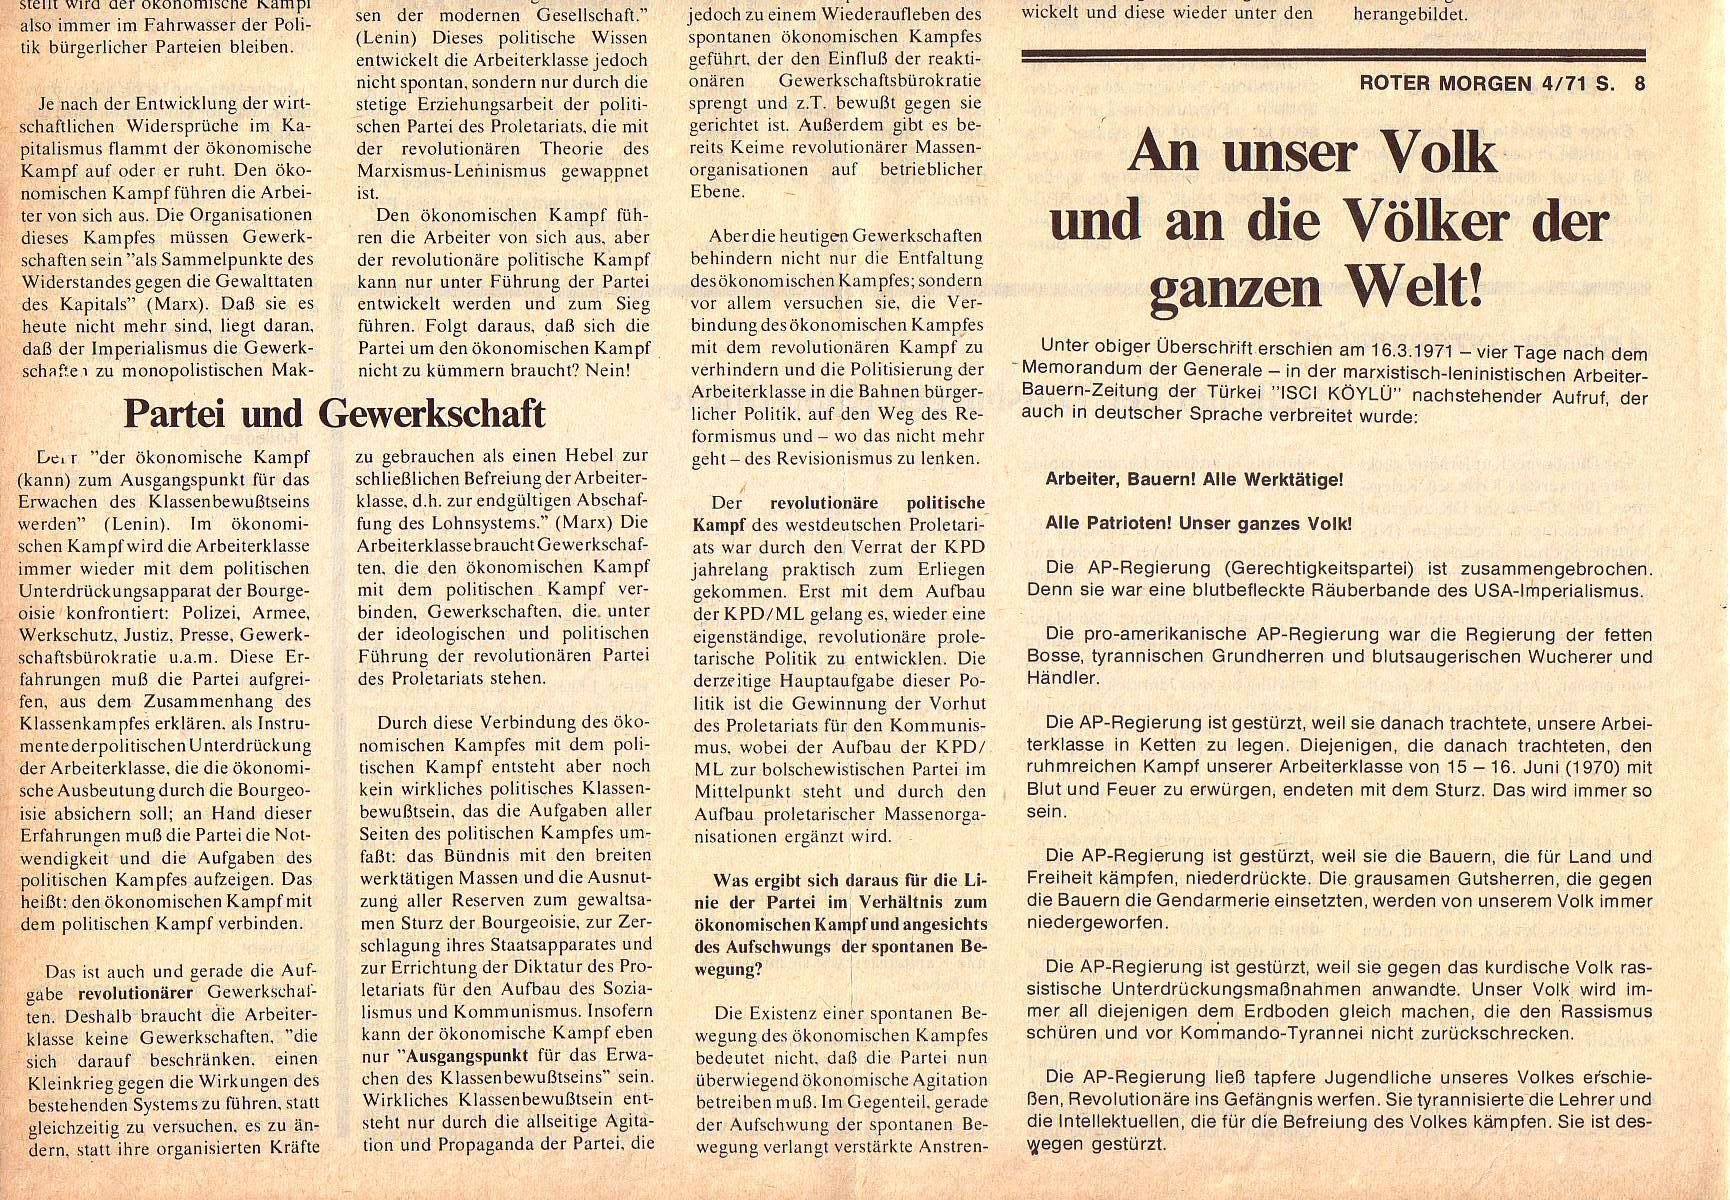 Roter Morgen, 5. Jg., April 1971, Nr. 4, Seite 8b